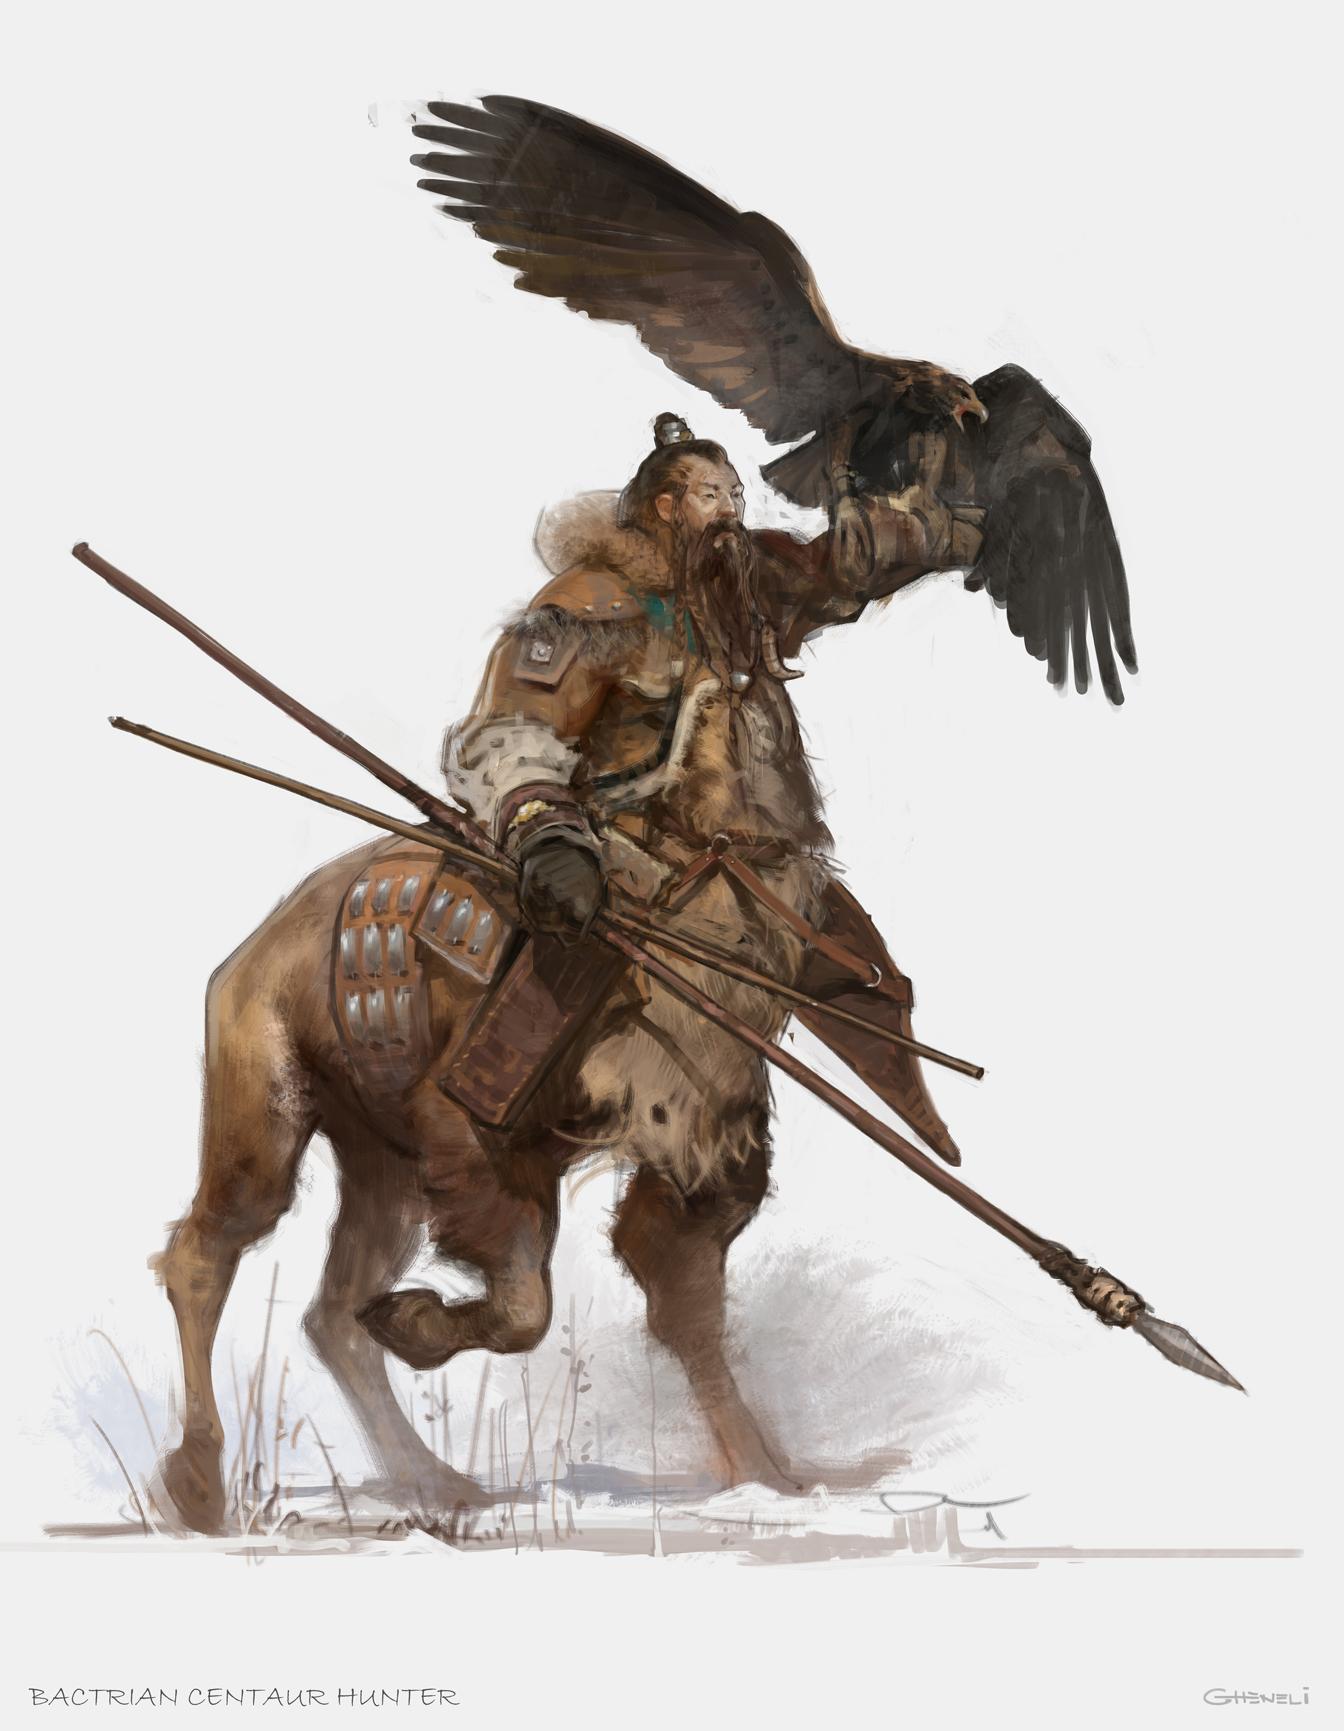 Bactrian centaur hunter by vladgheneli on DeviantArt